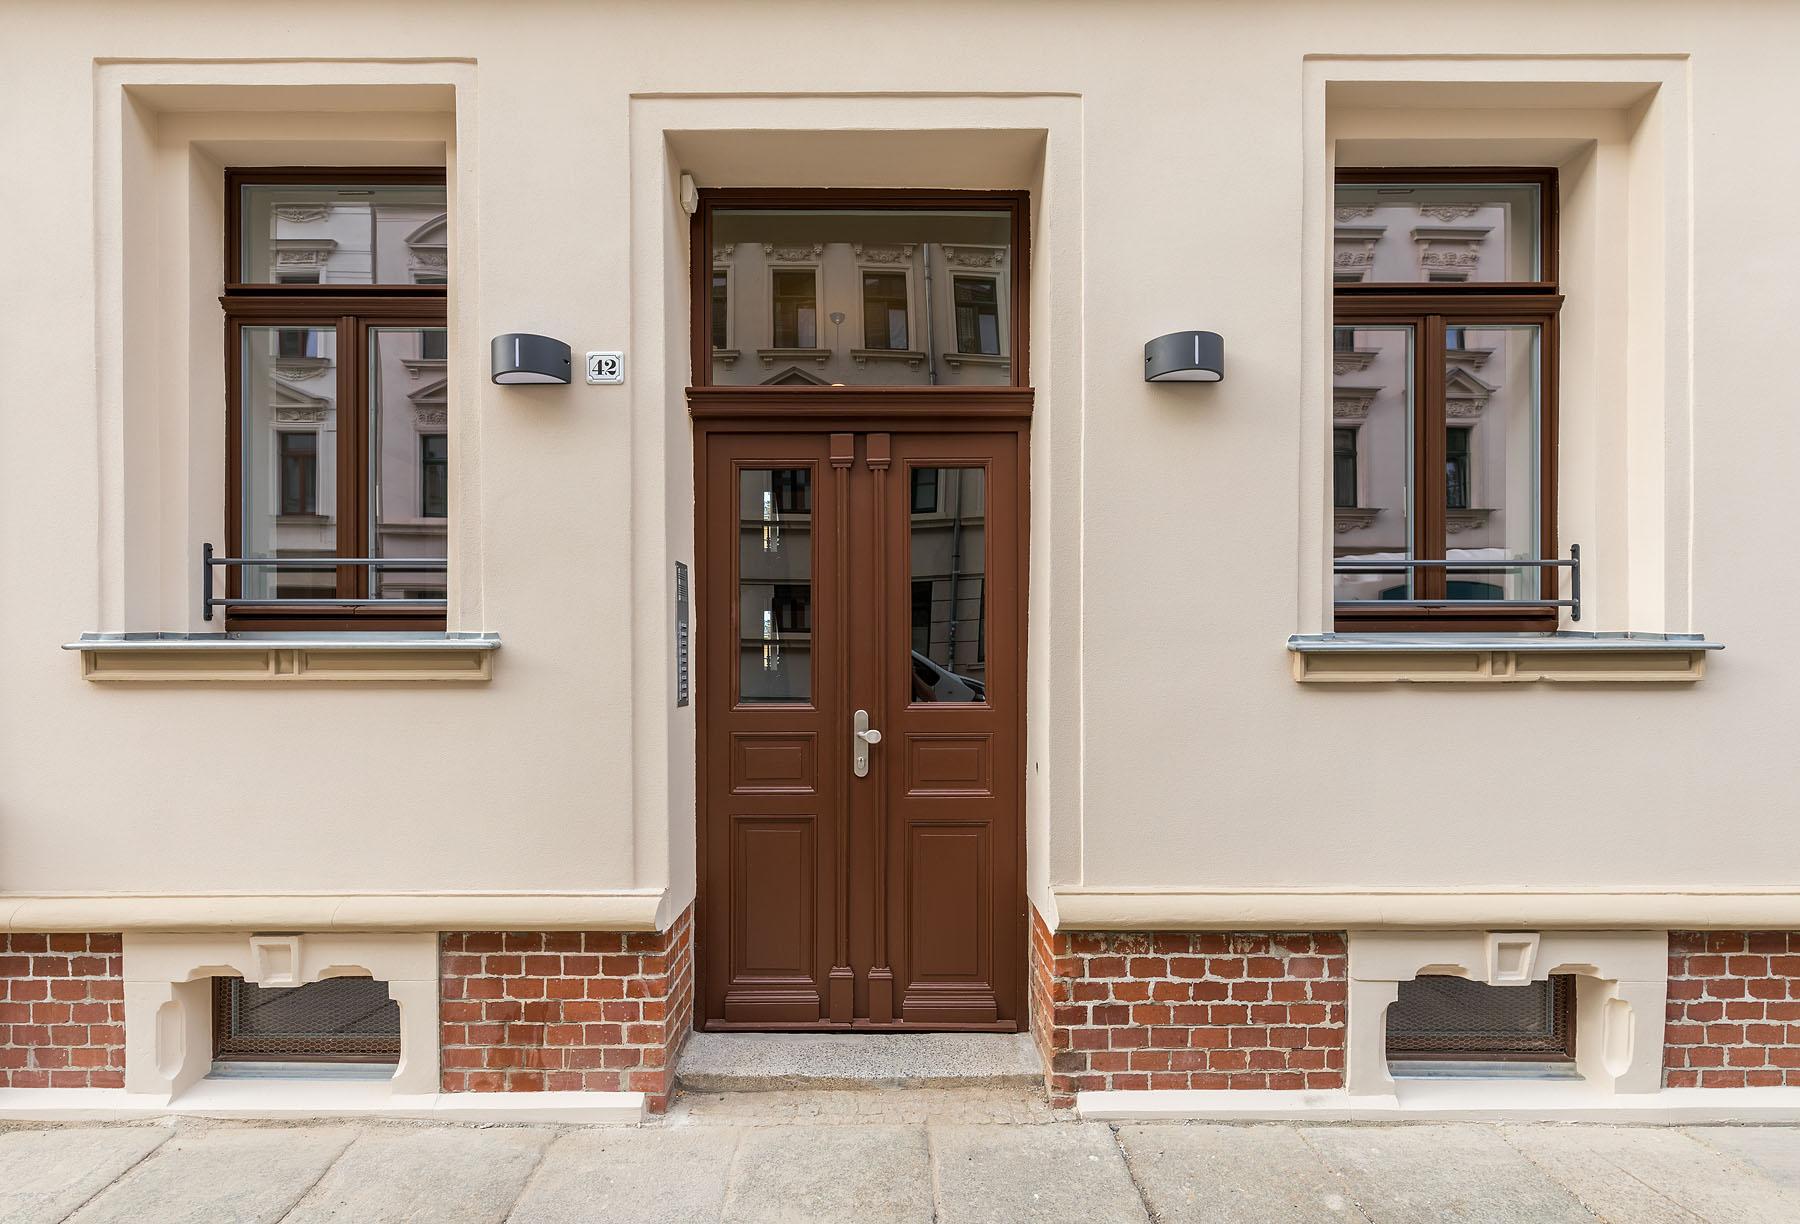 2021_mierendorffstrasse-42-vh-03